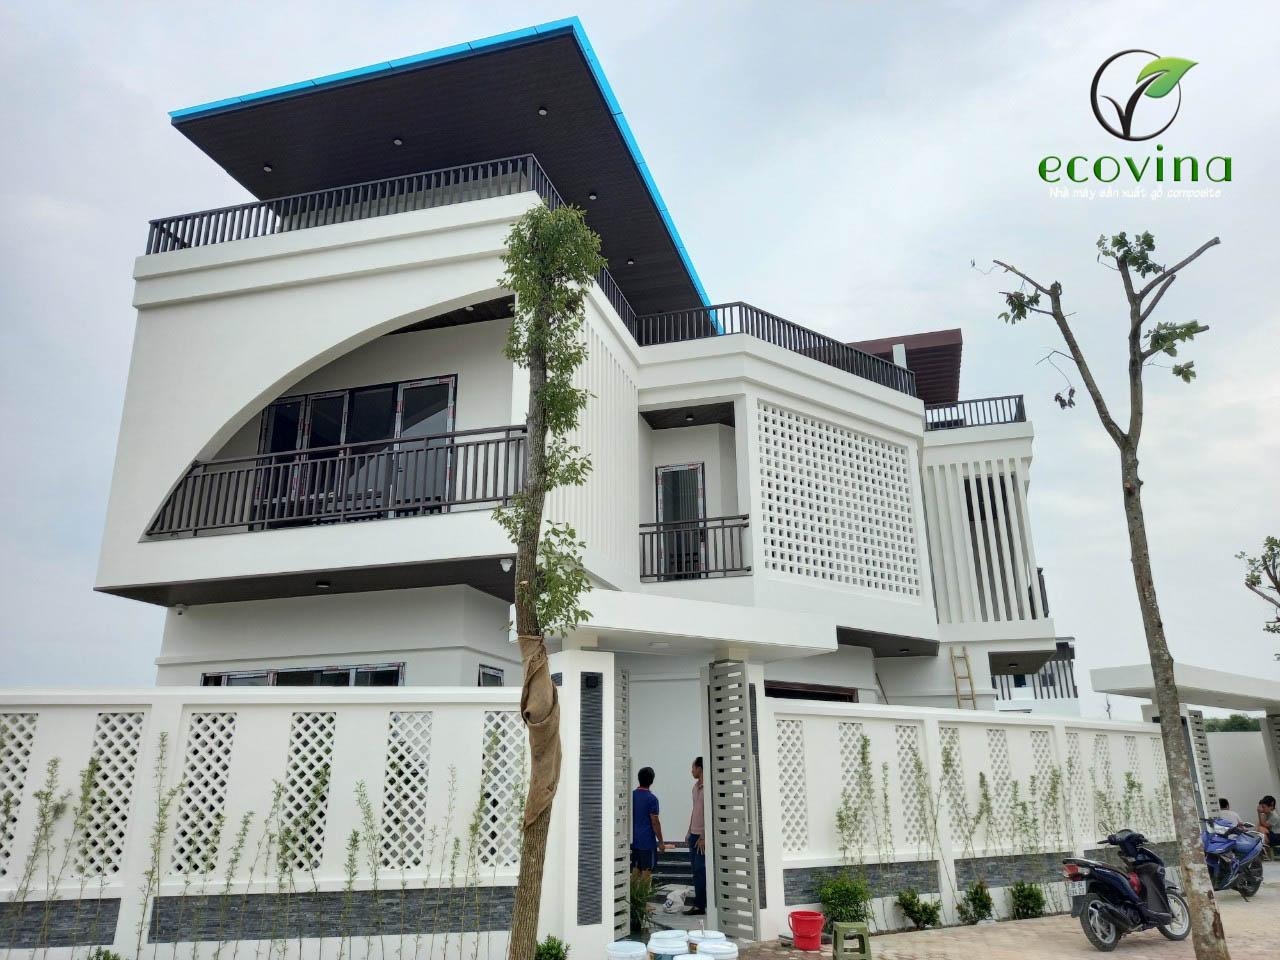 Thi công trần gỗ nhựa composite Ecovina tại Thanh Hóa